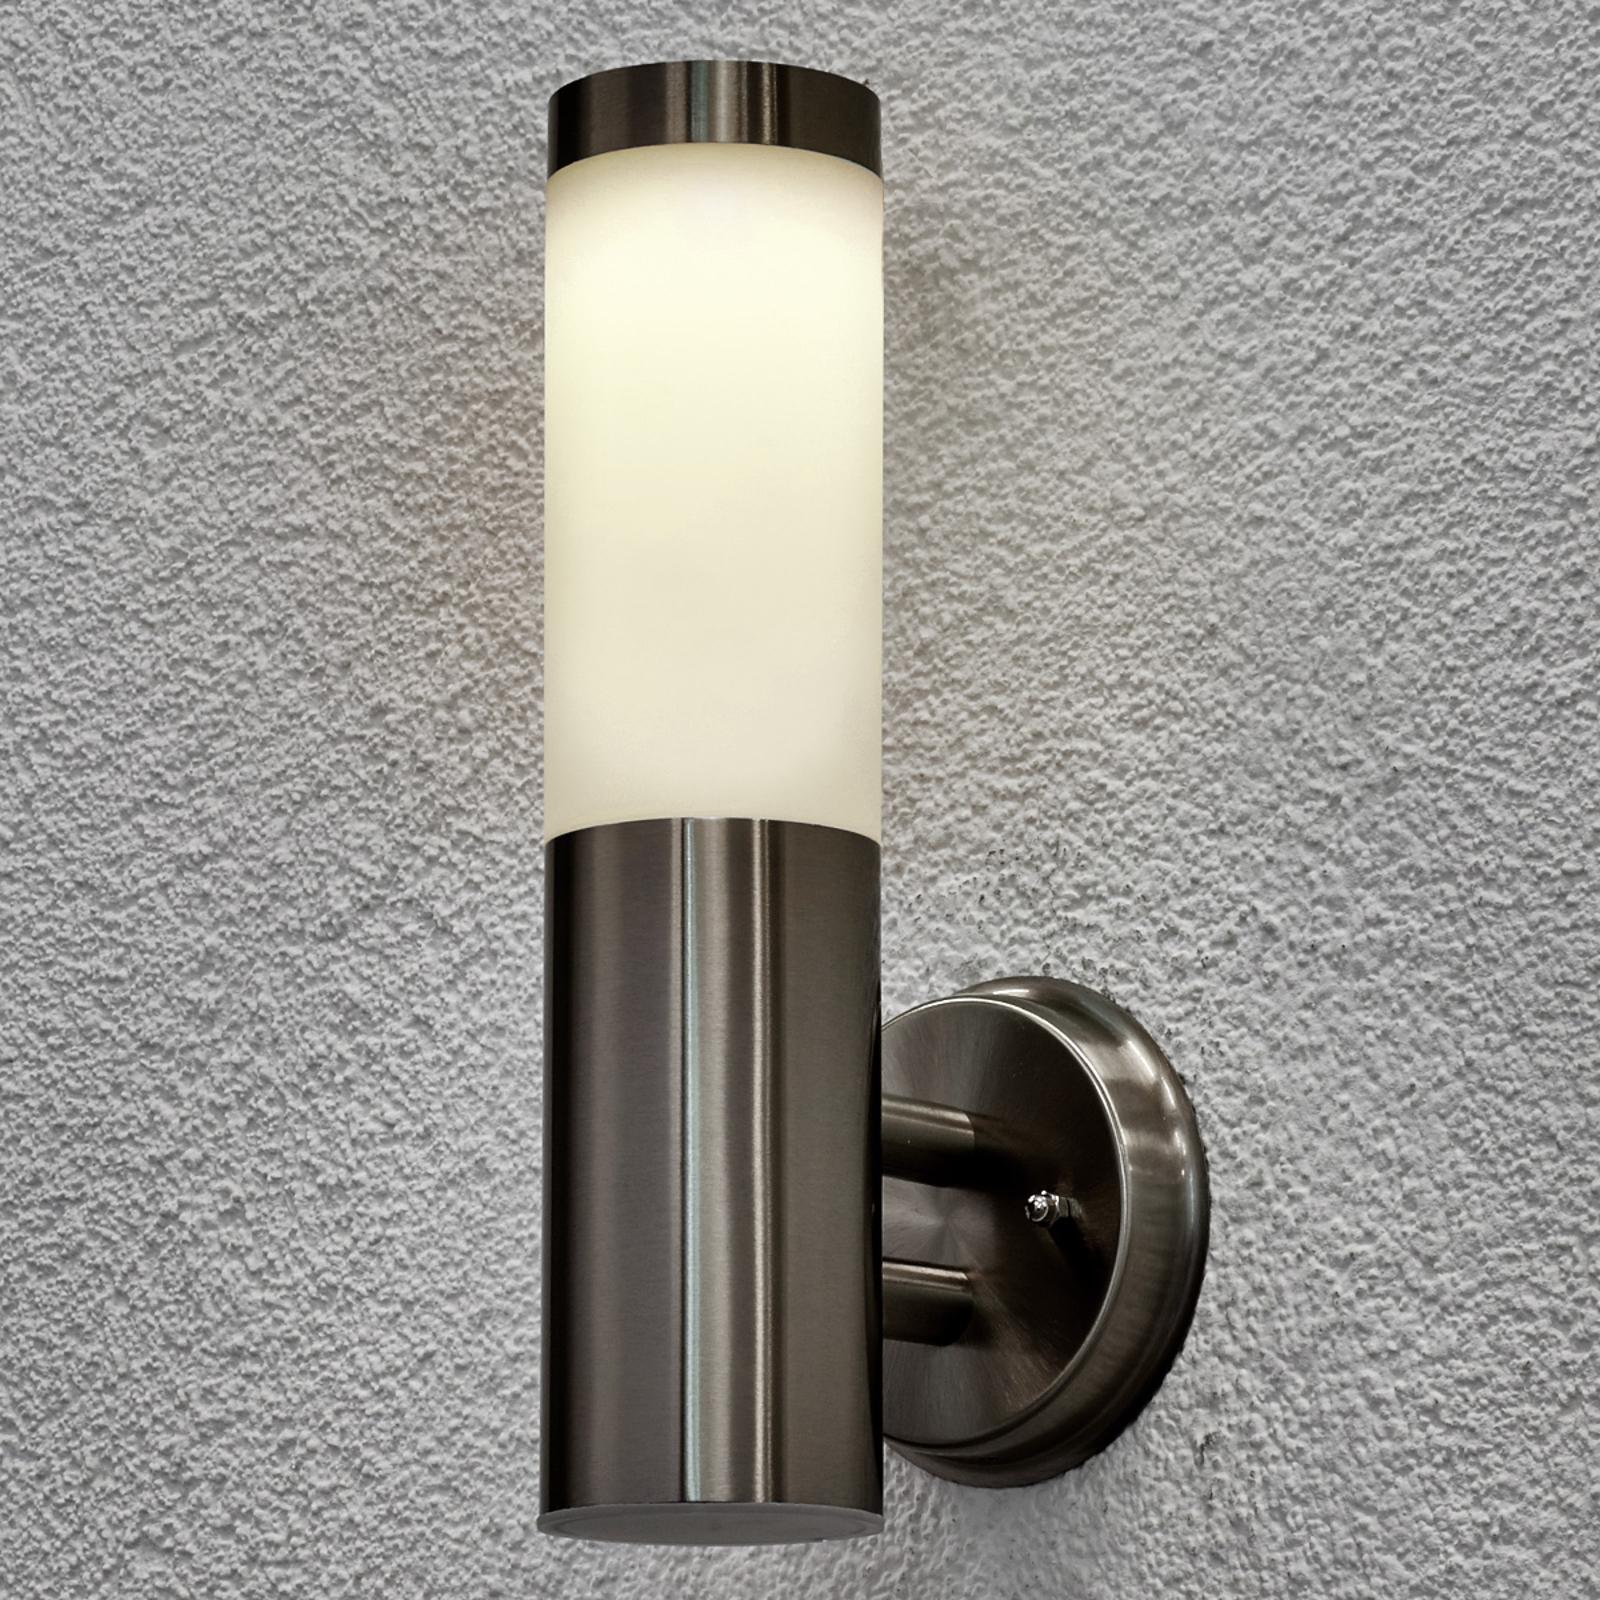 Jolla - solcelle udendørsvæglampe med LED